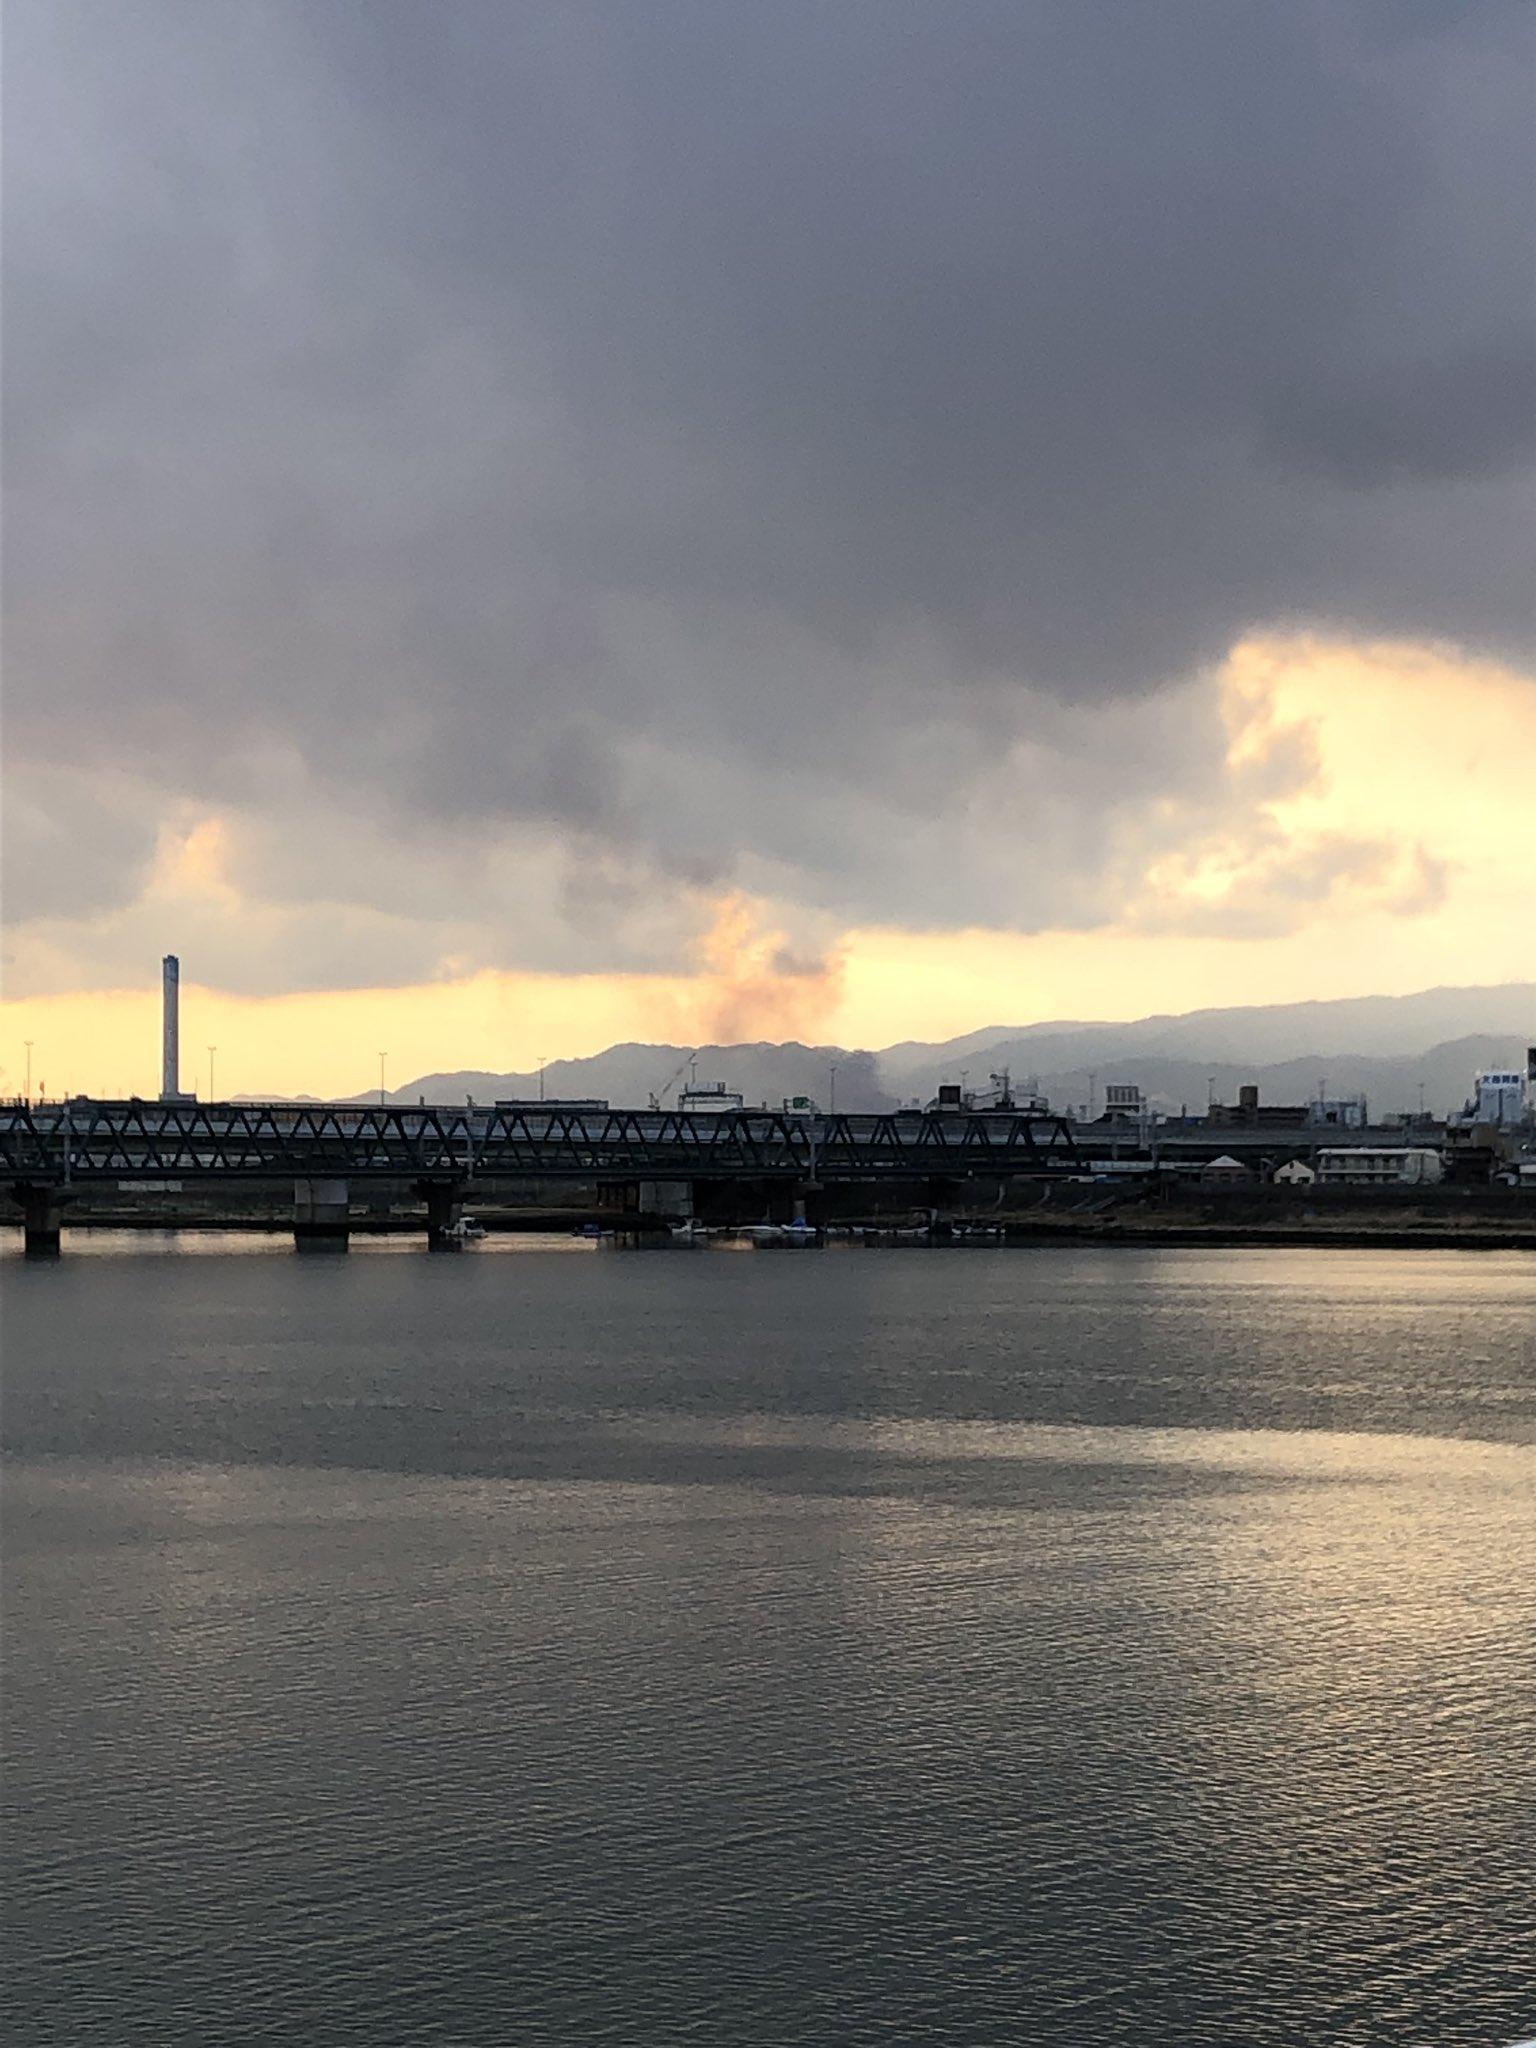 画像,姫島らへんで火事みたい。なんか煙ったい臭いがするなって思ってて、しかもヘリが飛びよるけどこやろ思ったら。淀川を越えて此花区まで煙の臭いが来てる。 https:/…